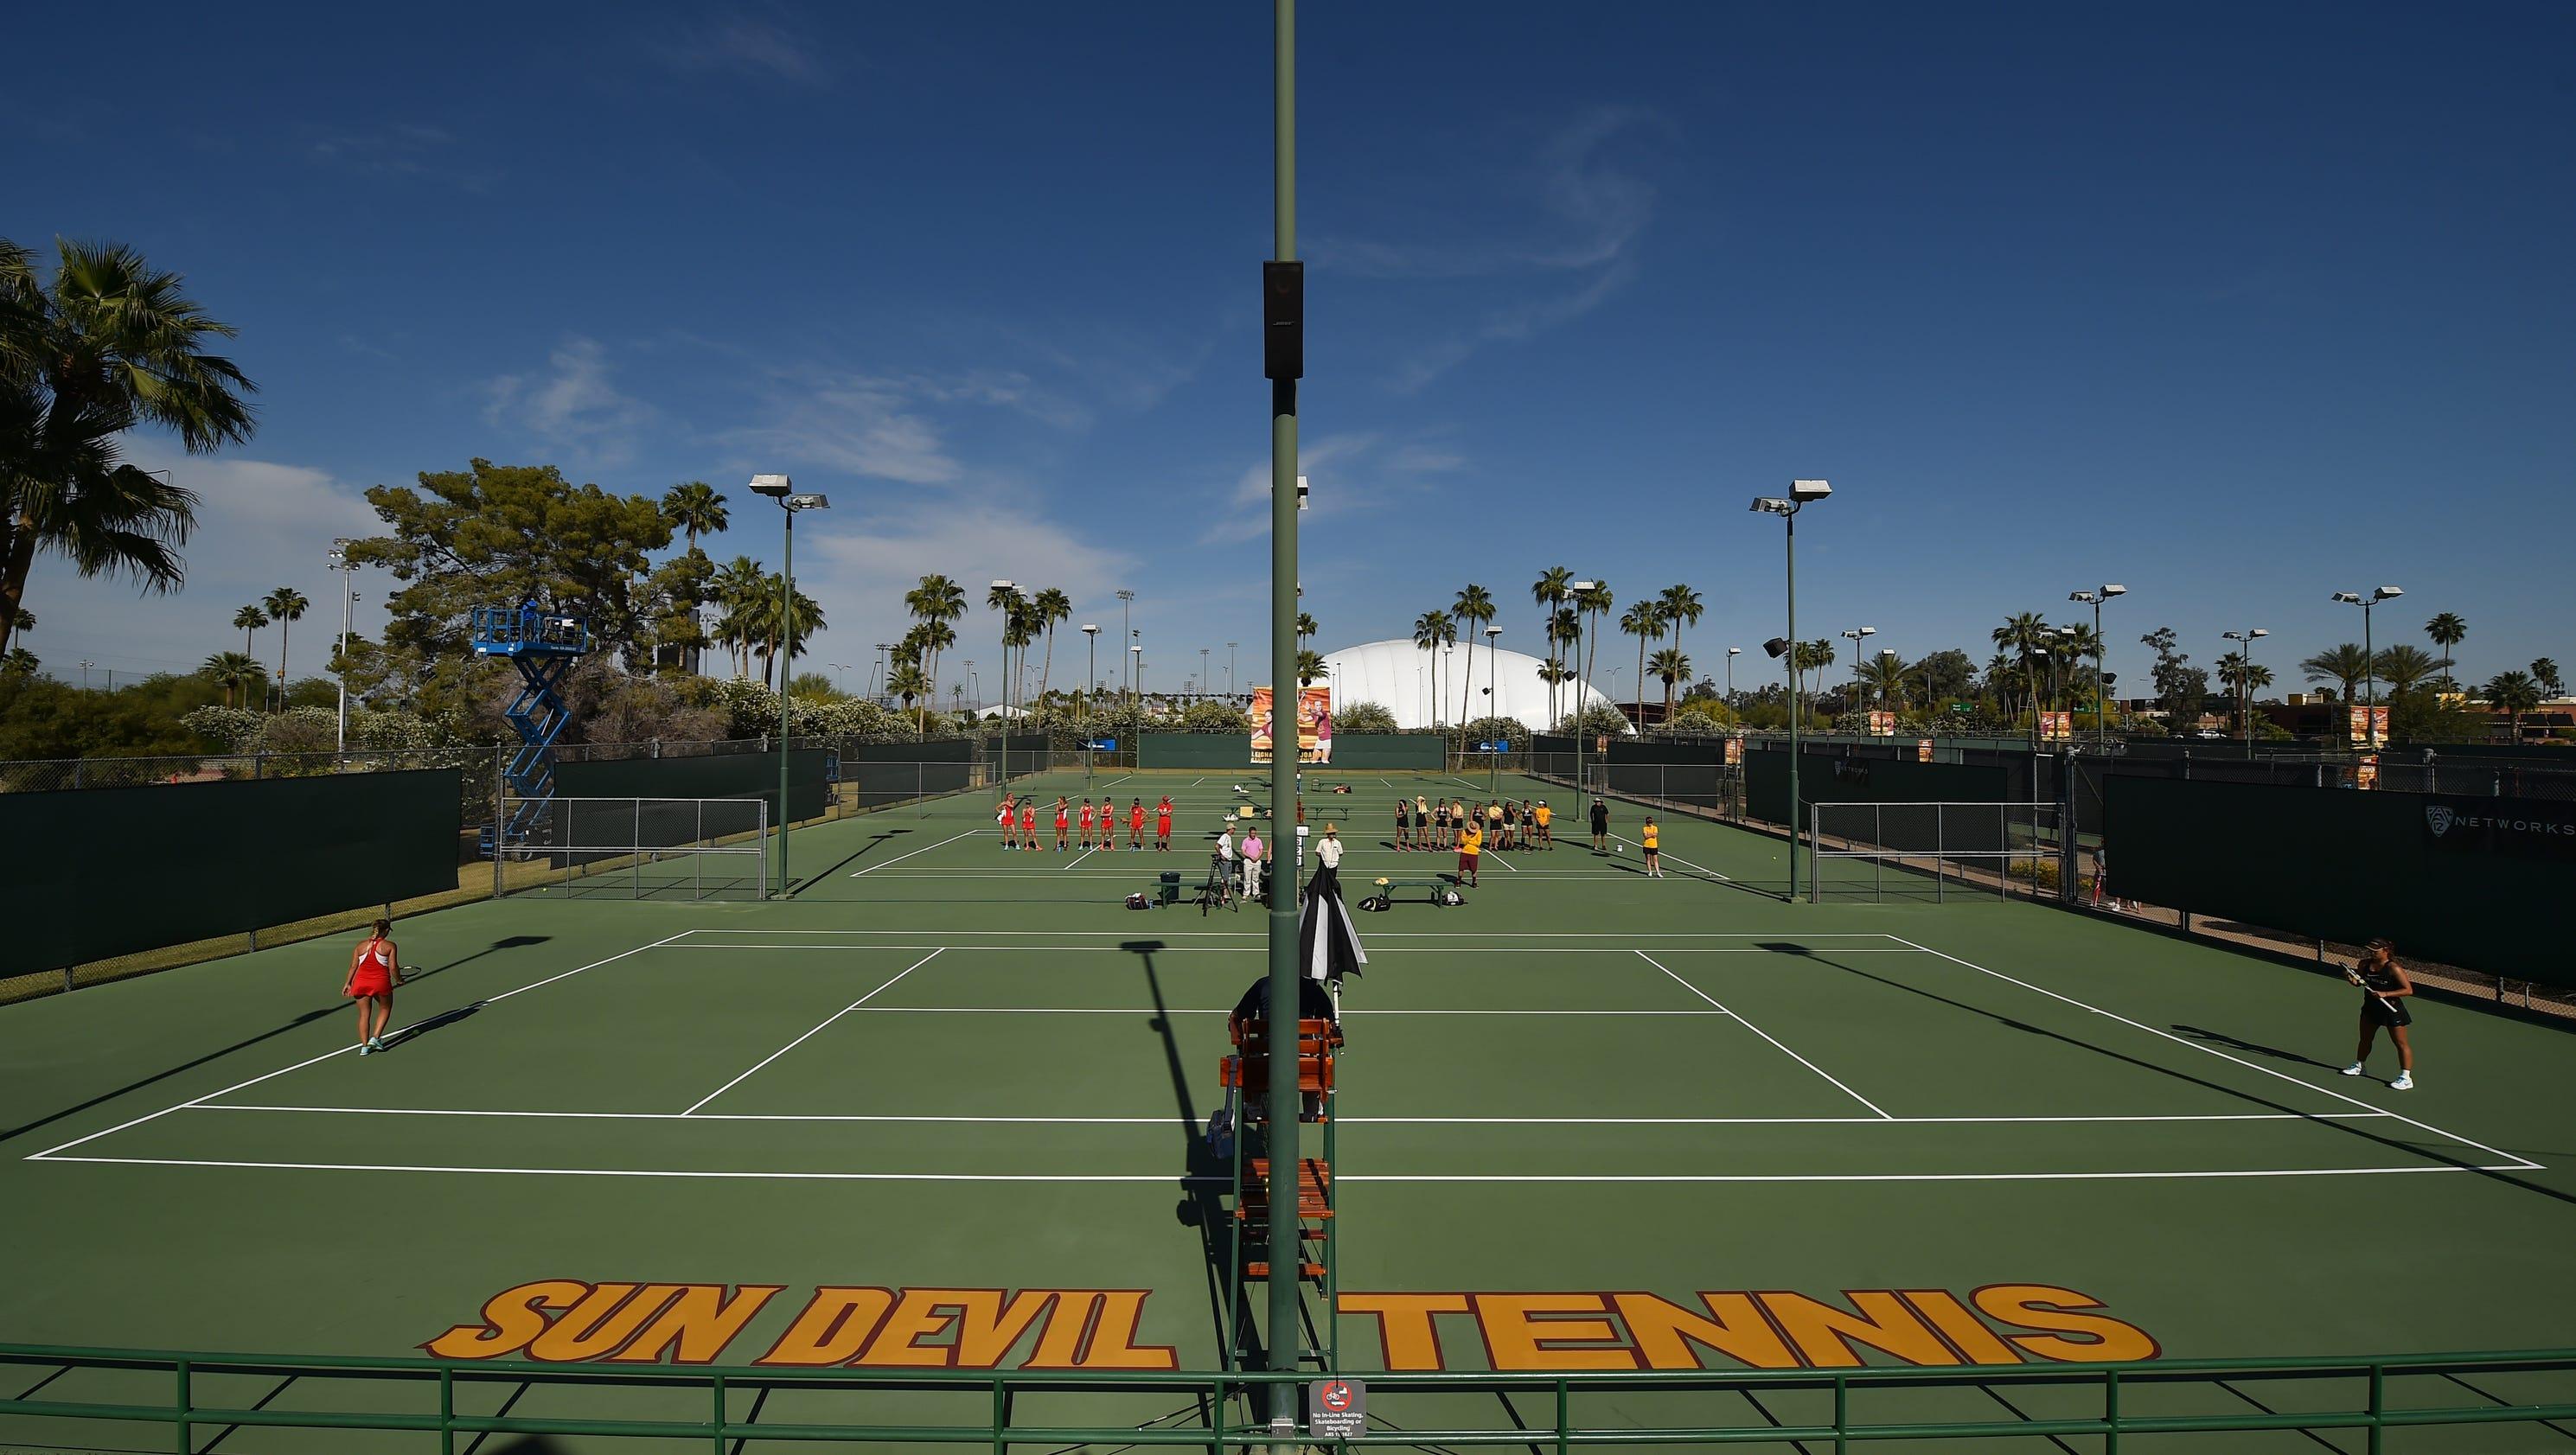 635978944866546719-whiteman-tennis-center